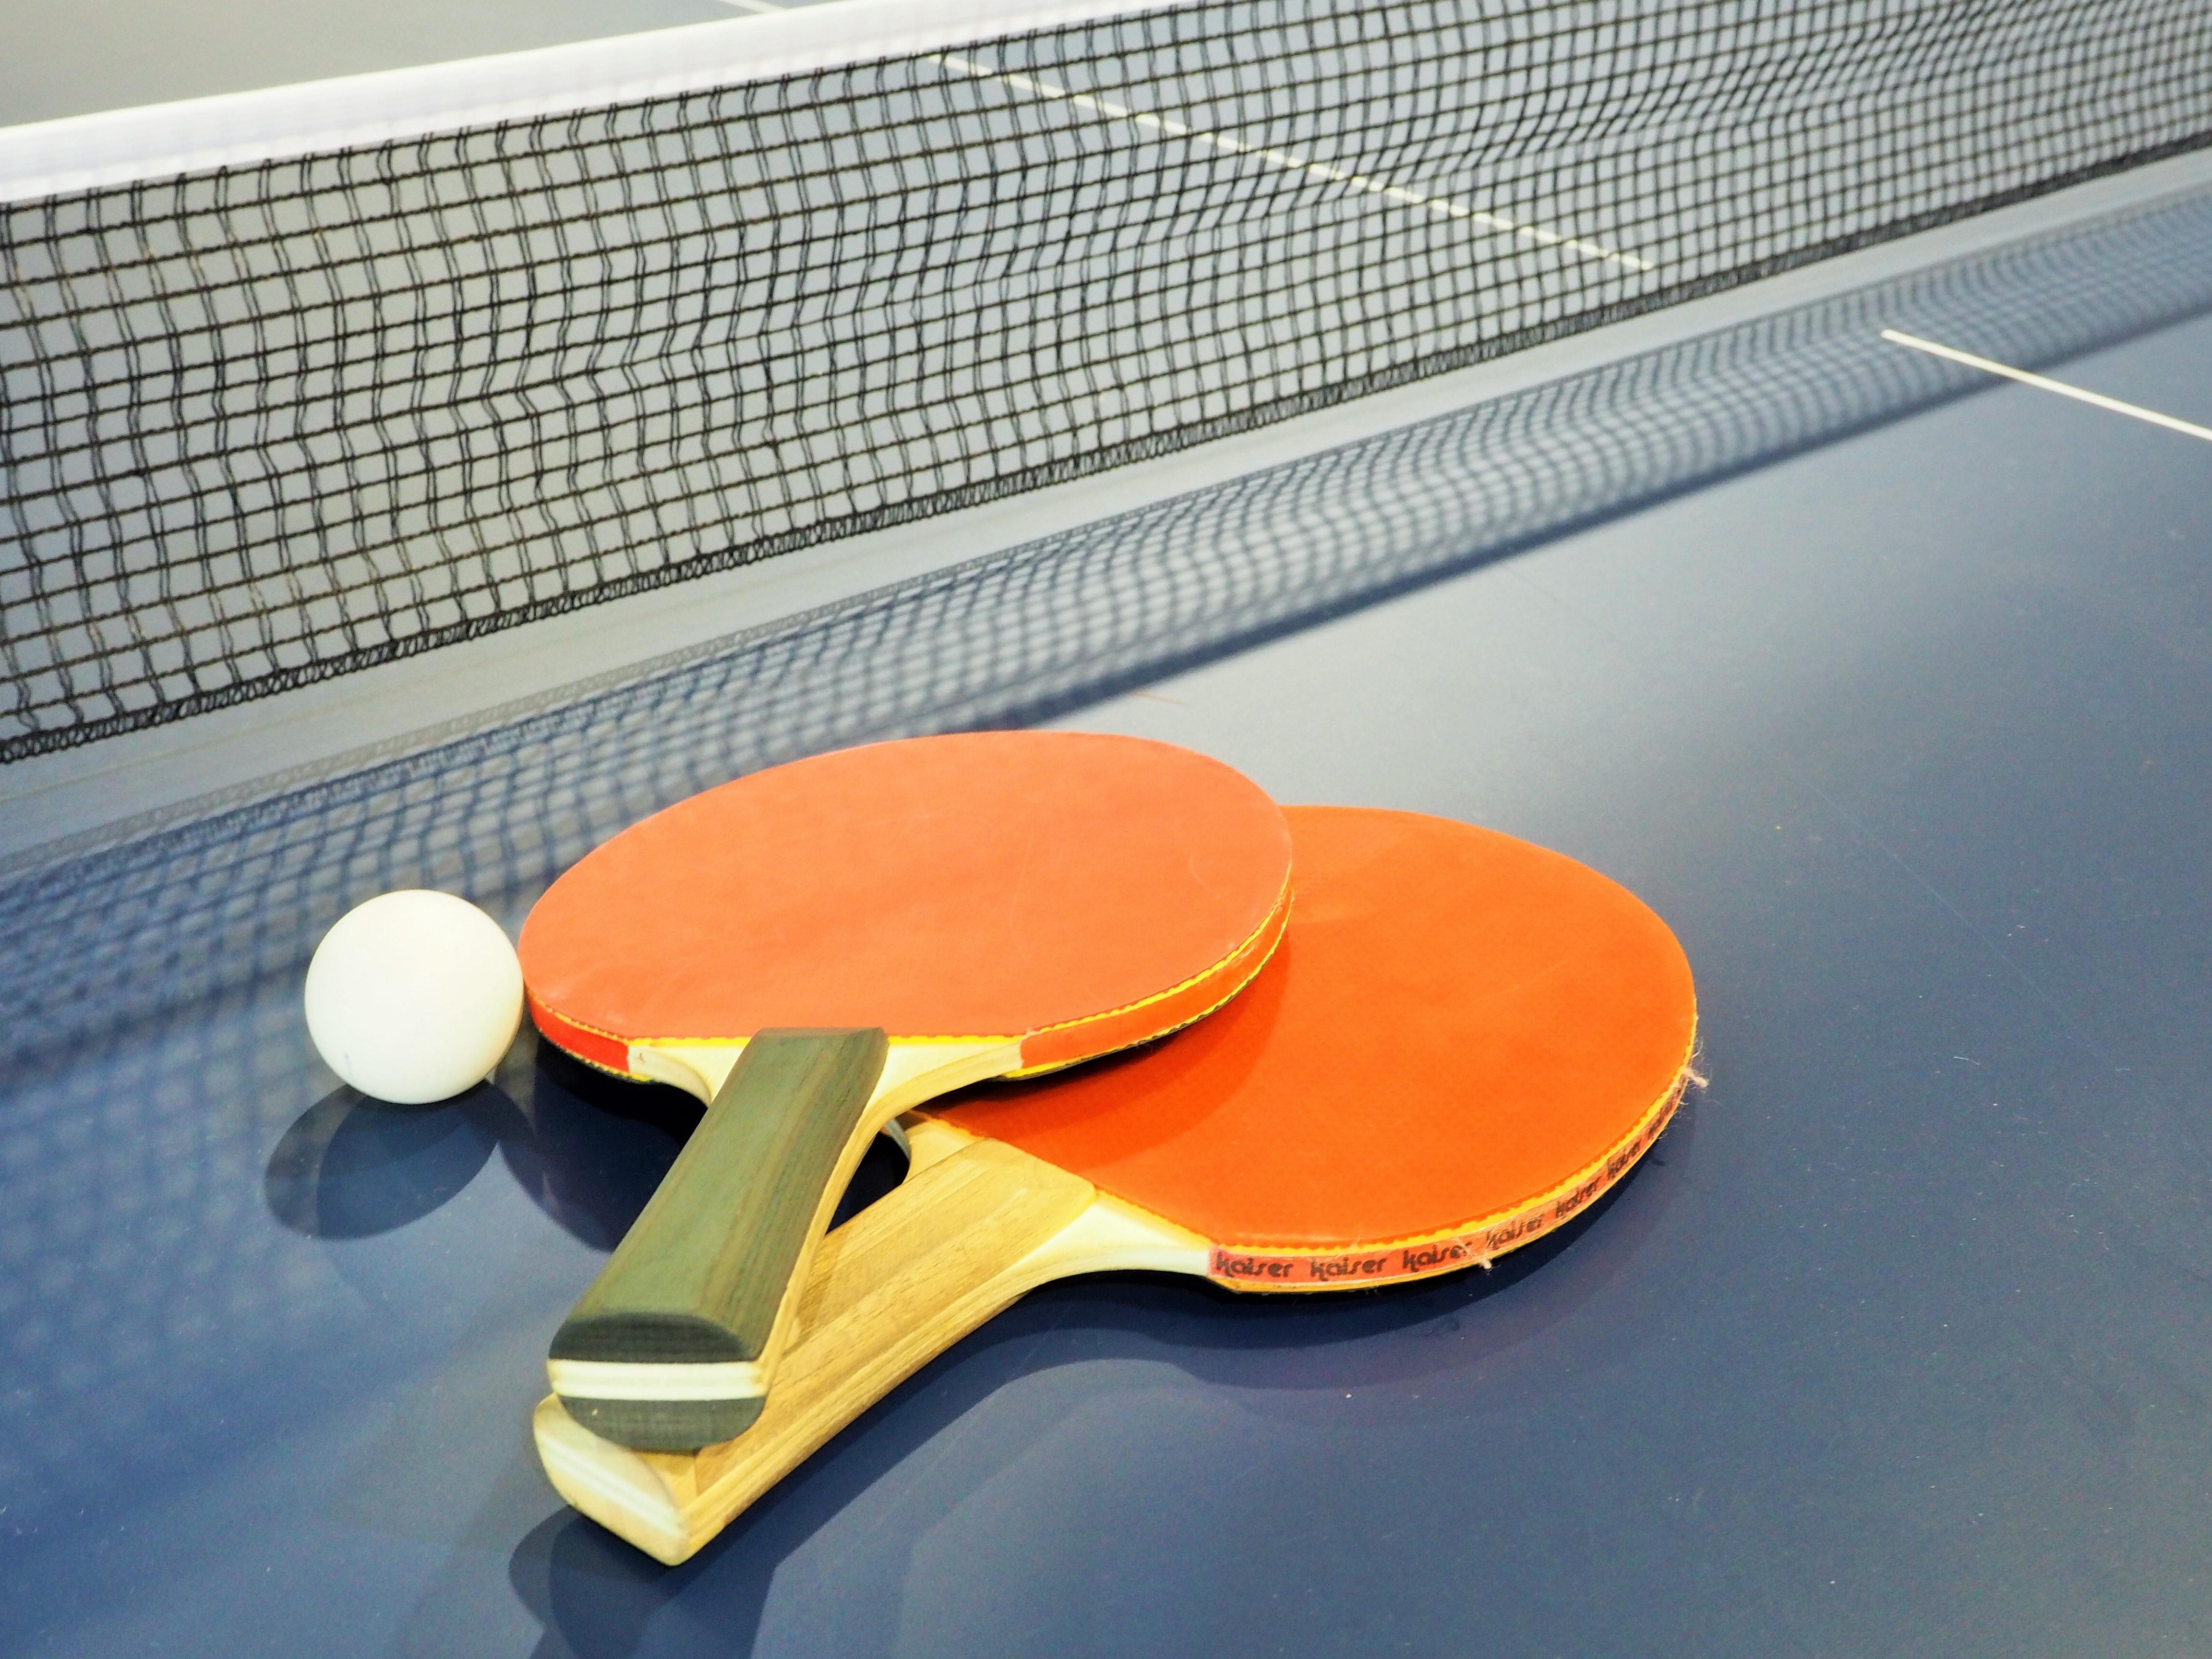 卓球ラケットのおすすめ4選&選び方【初心者向け】